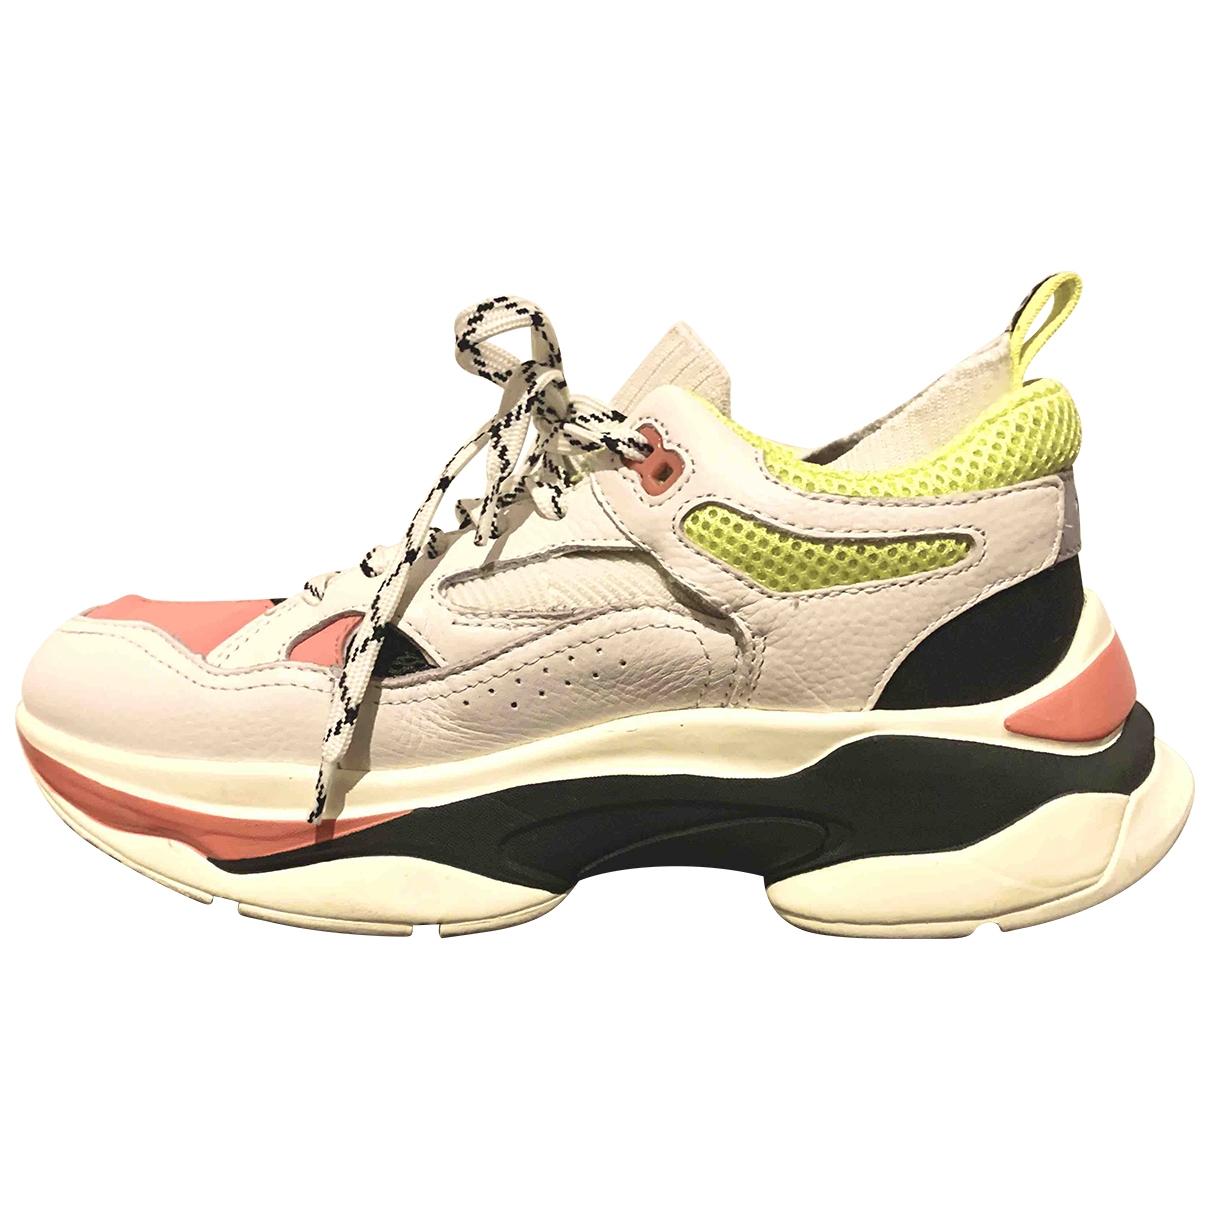 Brandblack \N Sneakers in Leder